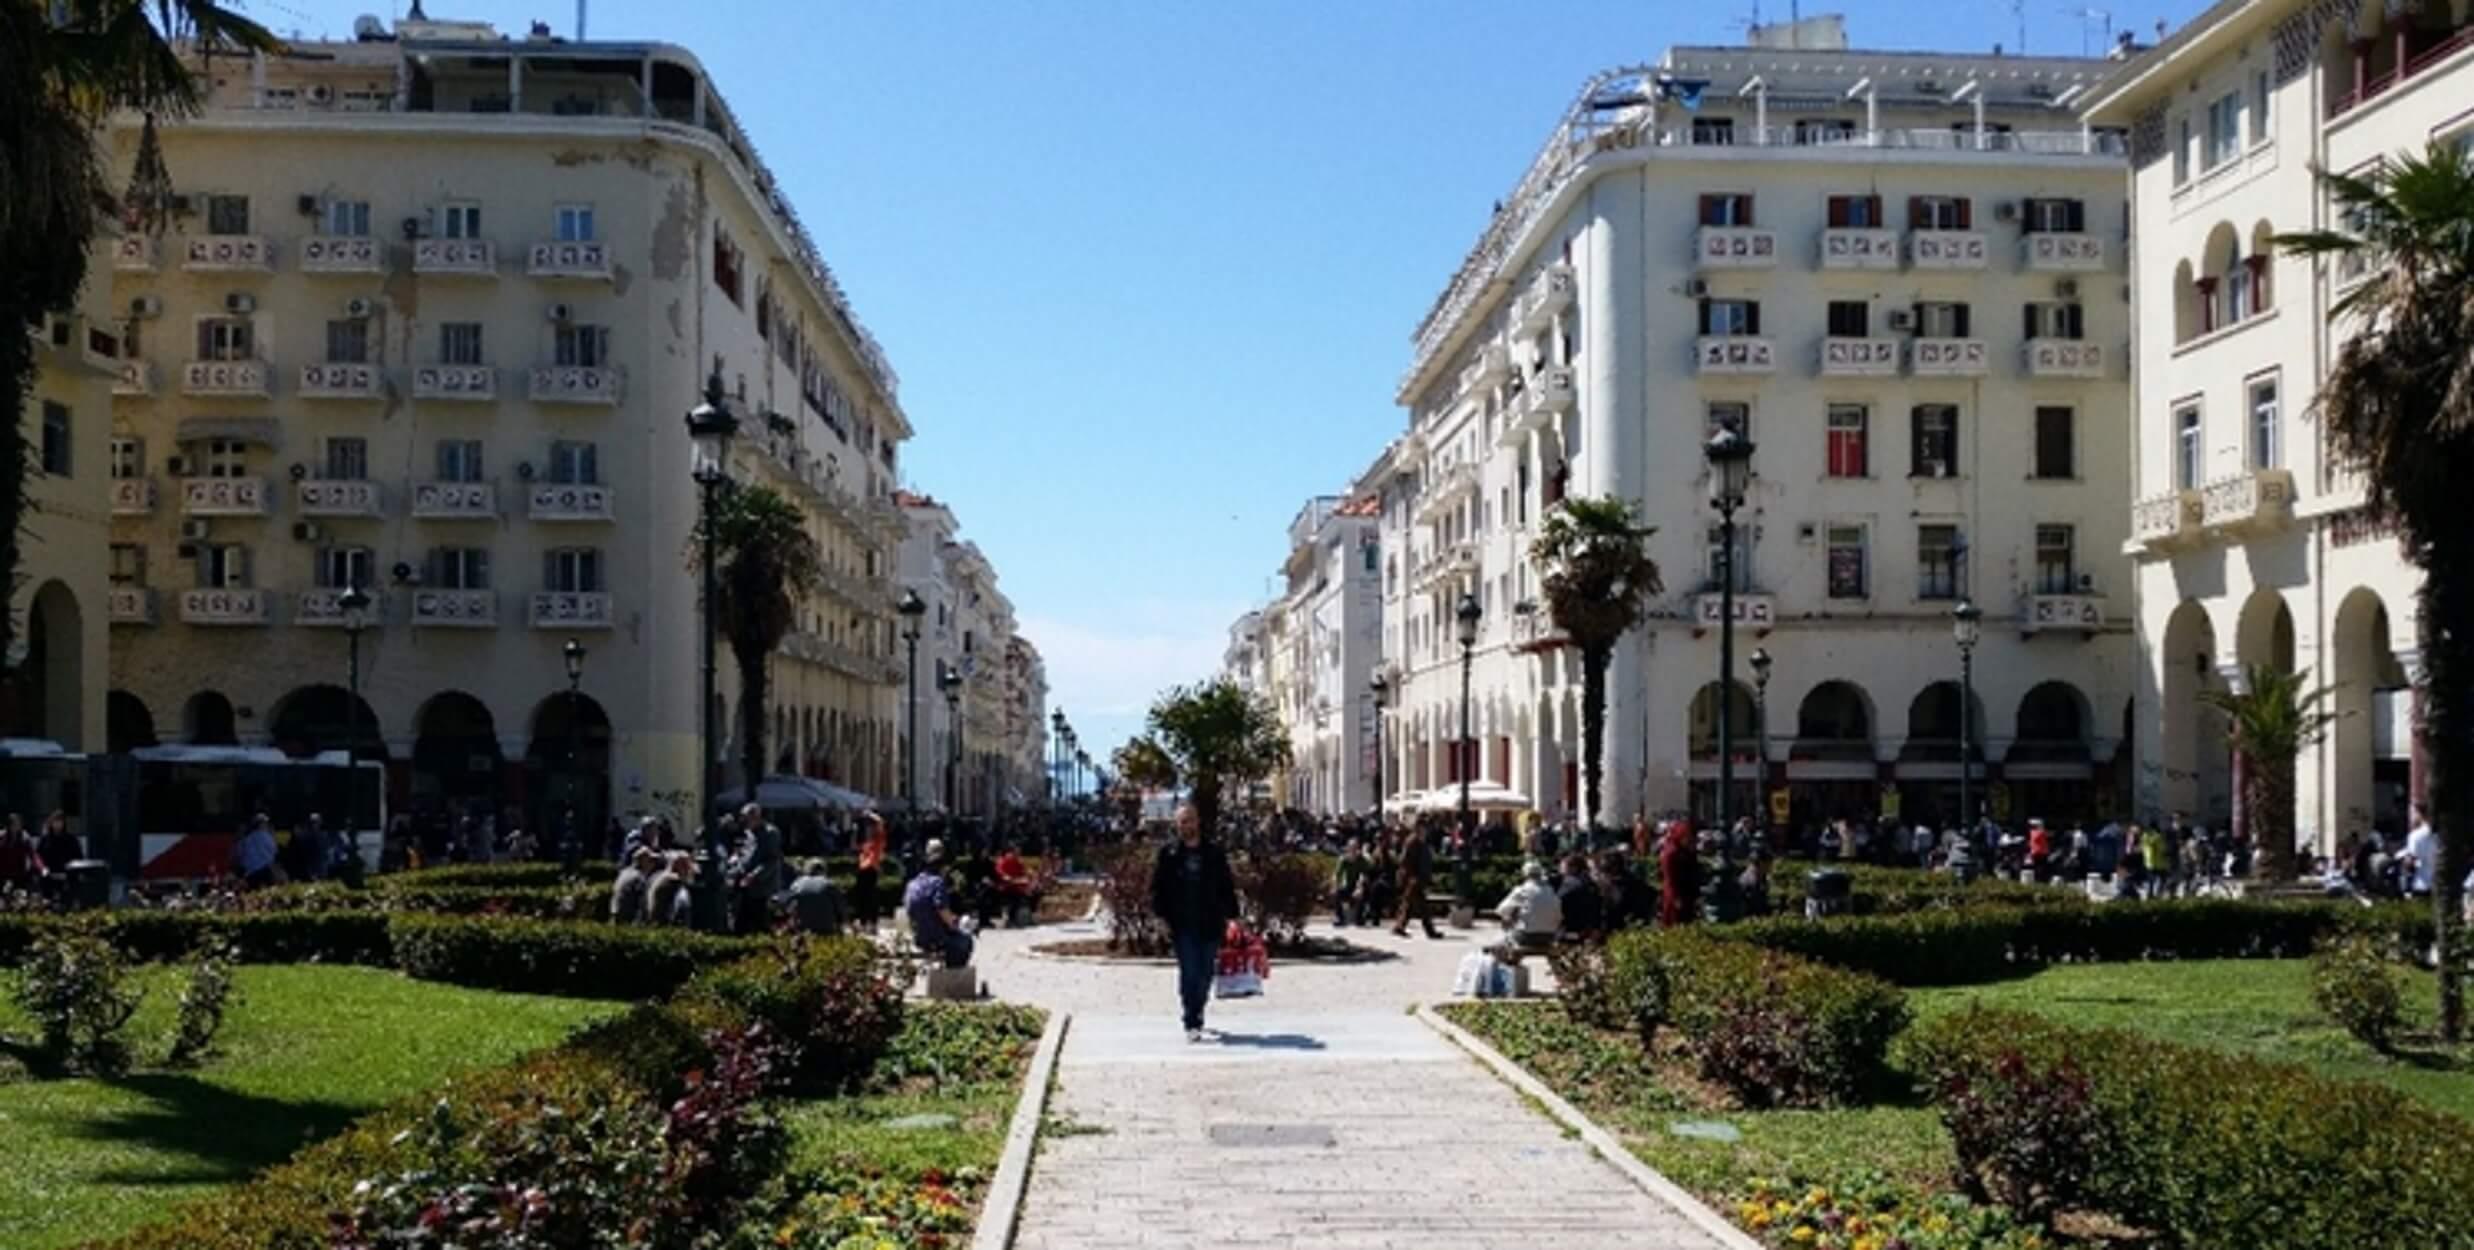 Θεσσαλονίκη: Πλησίασαν τον κάδο σκουπιδιών και είδαν αυτό το μακροσκελές μήνυμα